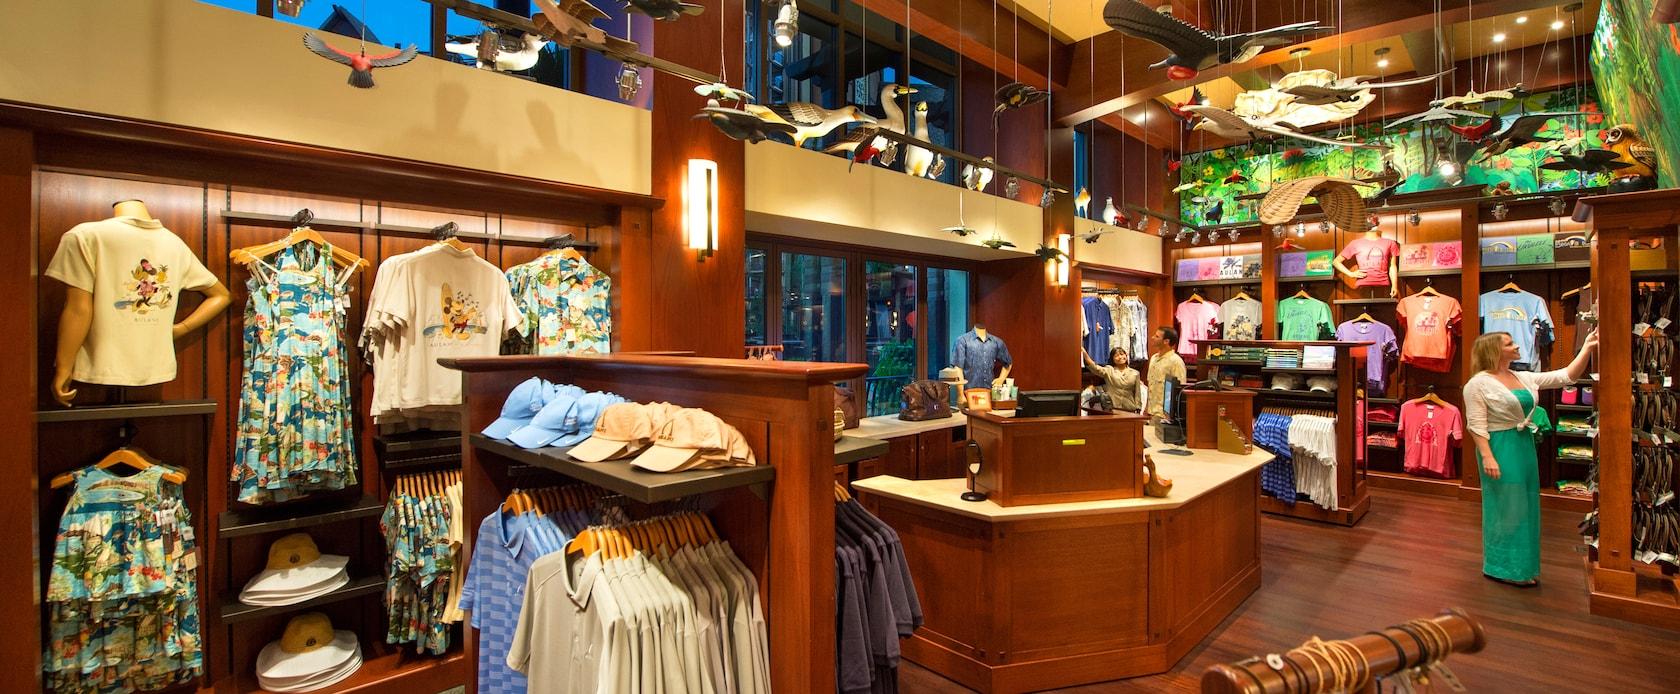 女性物のリゾートウェア、会計カウンター、商品を見る 2 人のお客様、その内の 1 人は店員が手助けしている